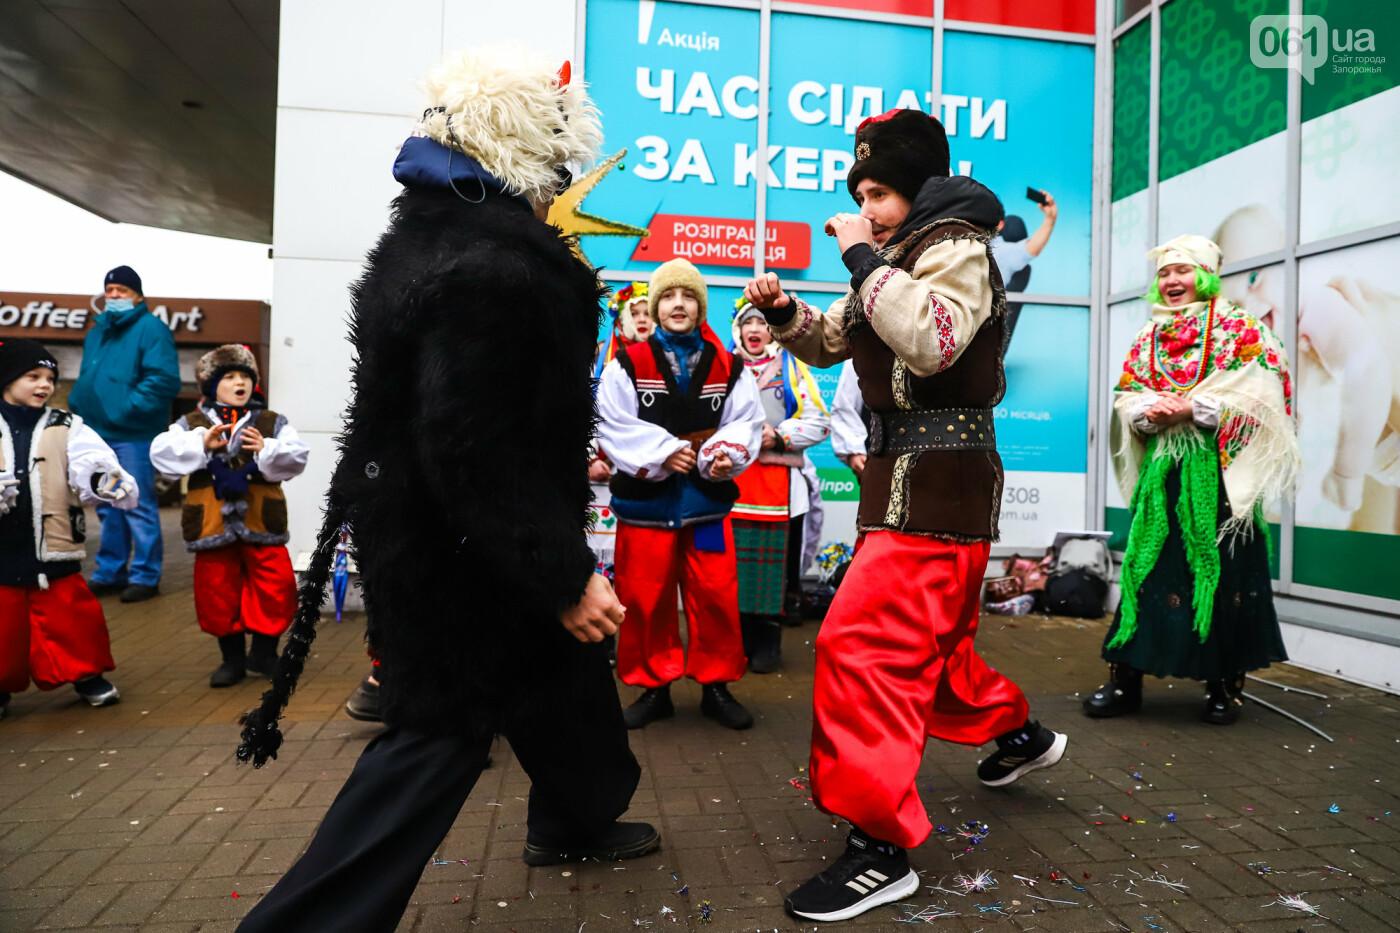 Нечистая сила против казаков: на улицах Запорожья показывали Рождественский вертеп, - ФОТО, ВИДЕО  , фото-20